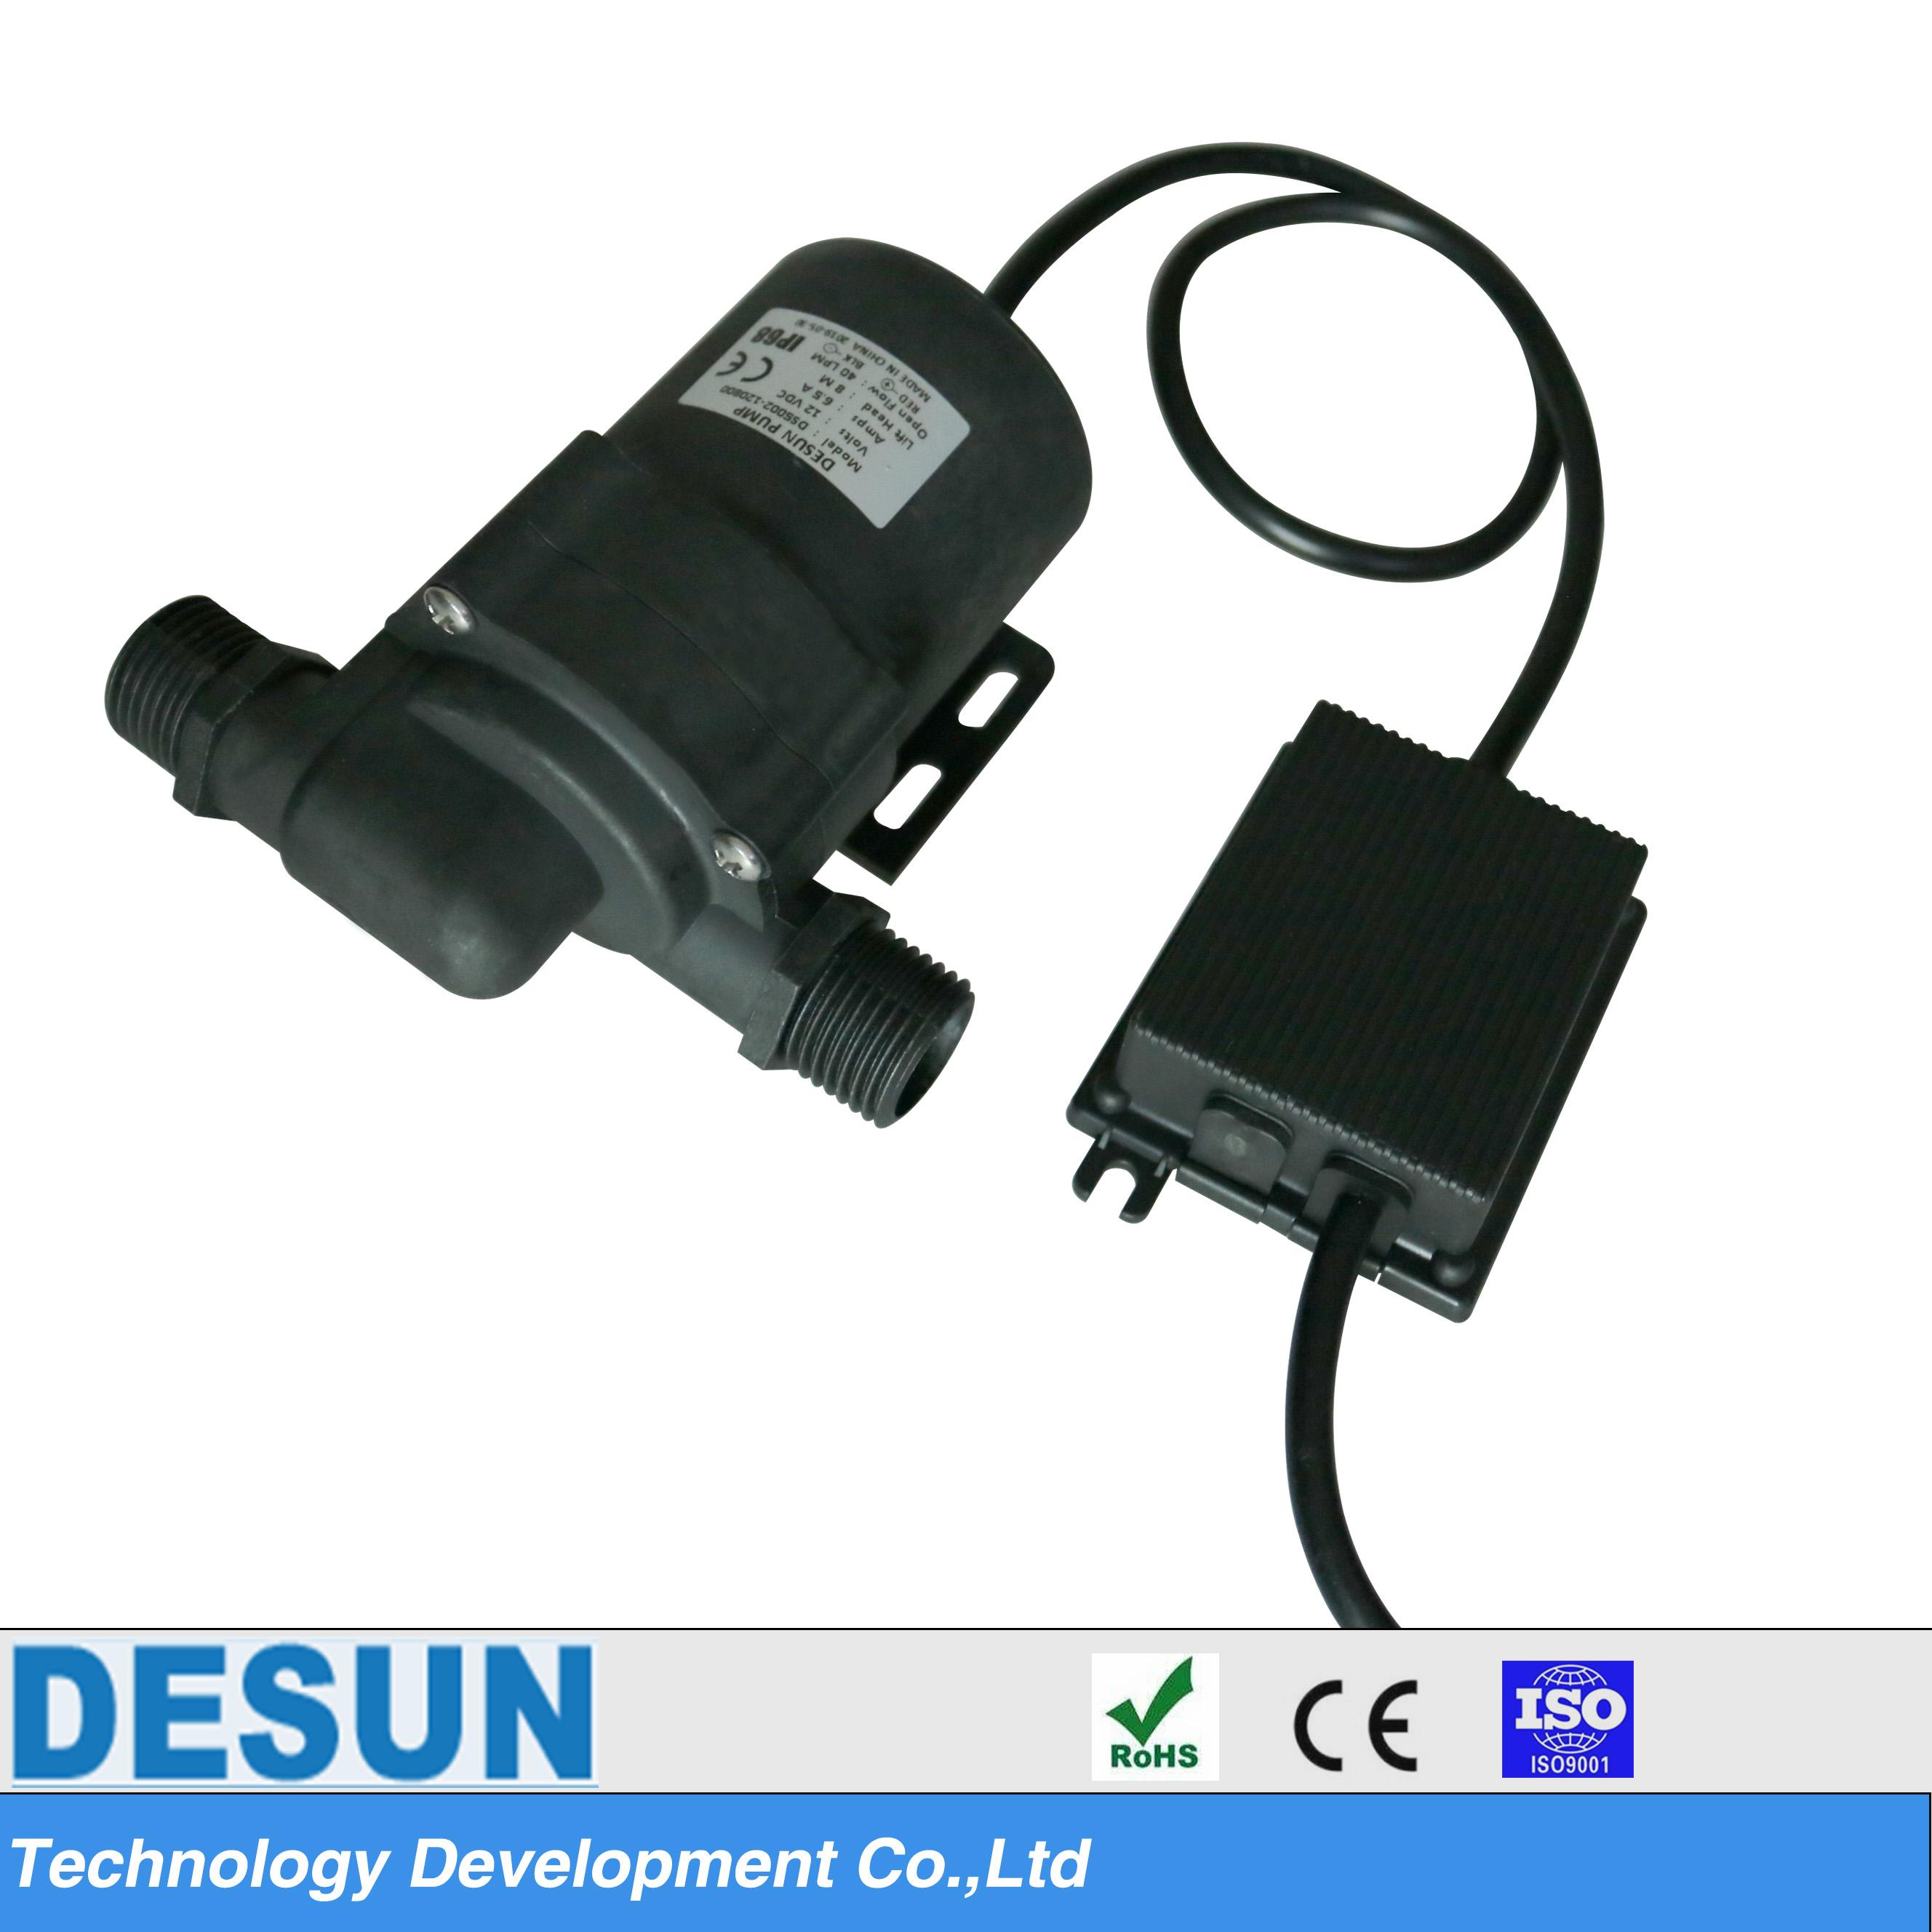 三相调速水循环微型水泵DS5002